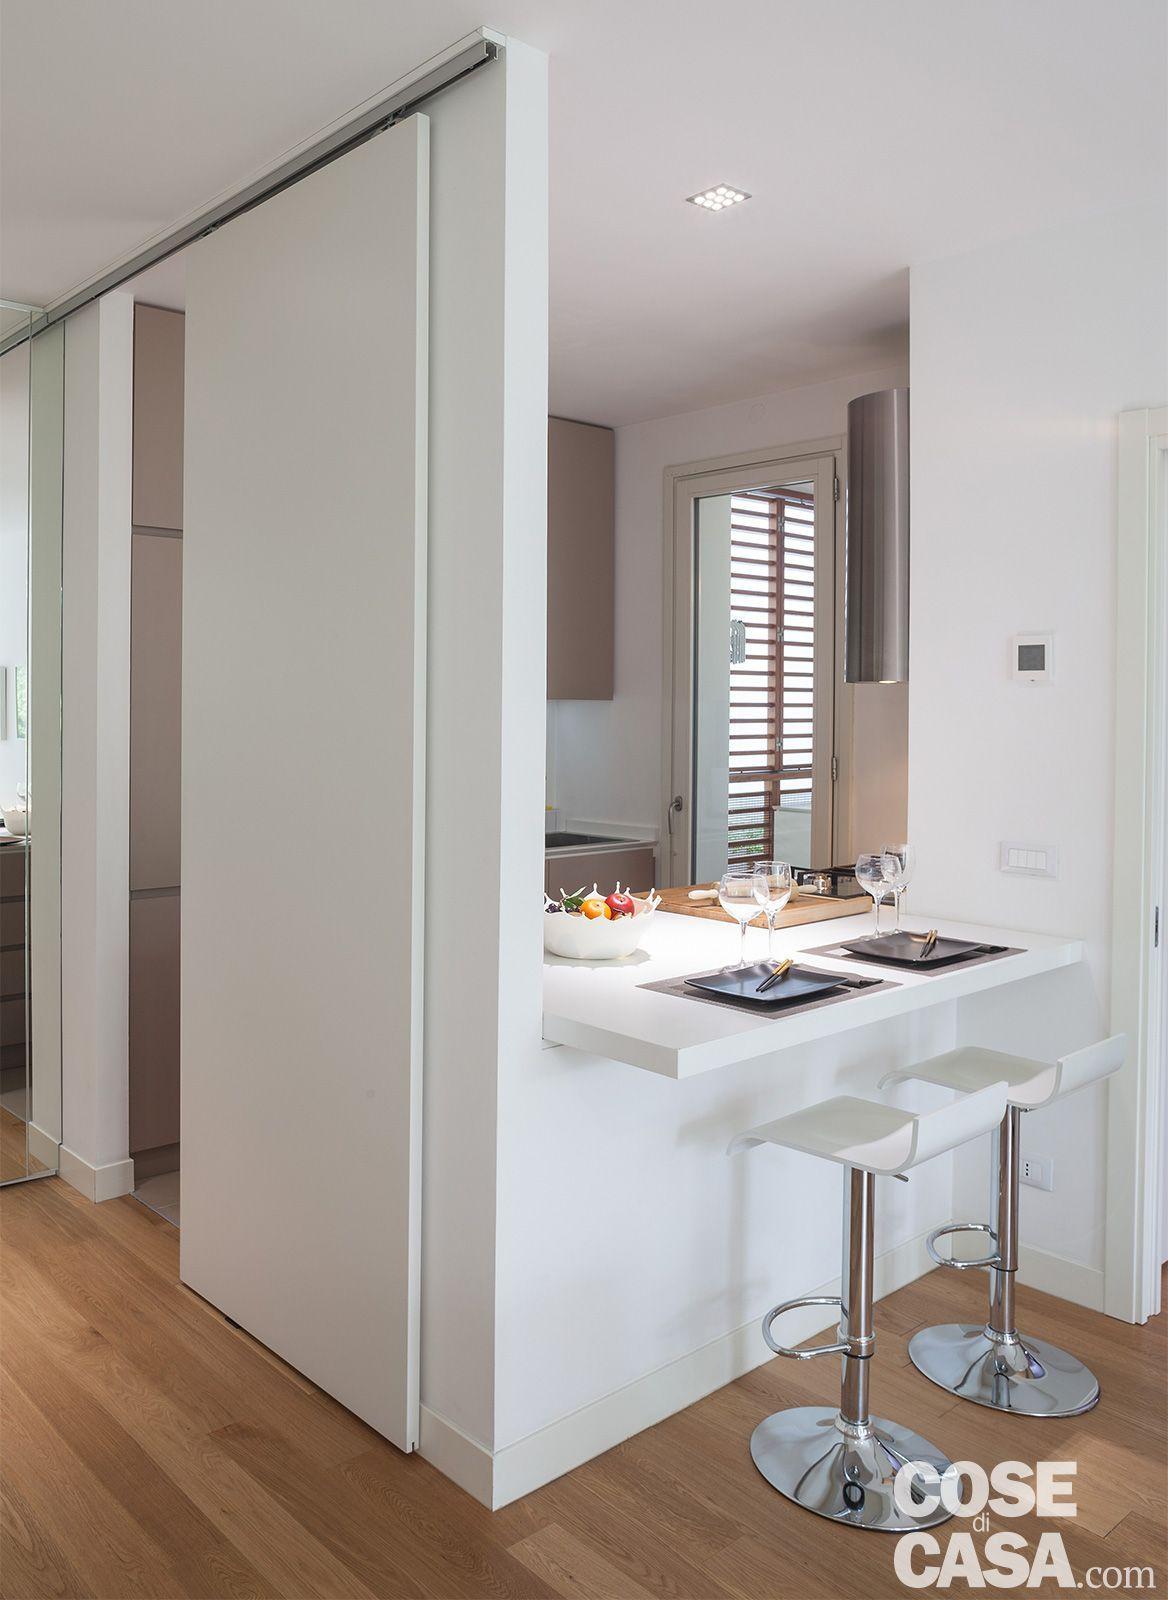 50 Idee Cucine Piccole Moderne Con Isola Ad U Open Space Arredare Cucina Piccola Arredo Interni Cucina Appartamenti Moderni Arredamento Moderno Cucina